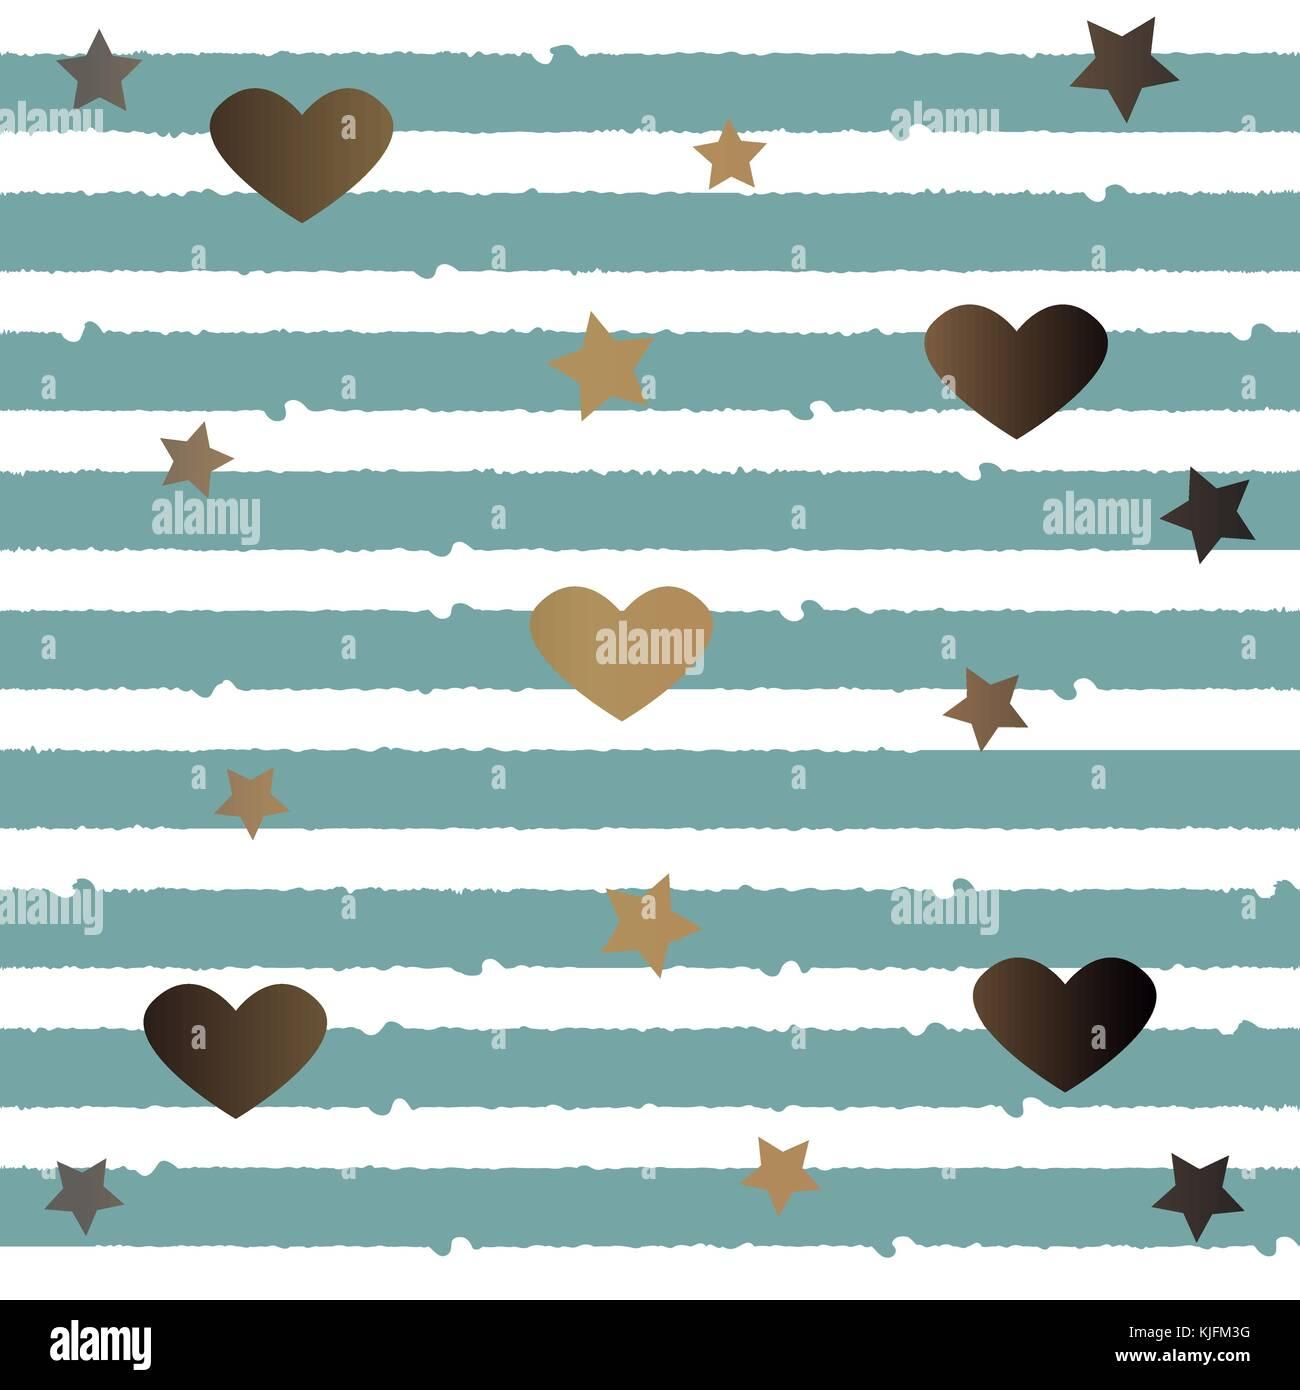 se muster mit goldenen sternen herzen und teal streifen toll fr wand kunst design geschenk papier verpackung textil textil etc - Muster Fur Wand